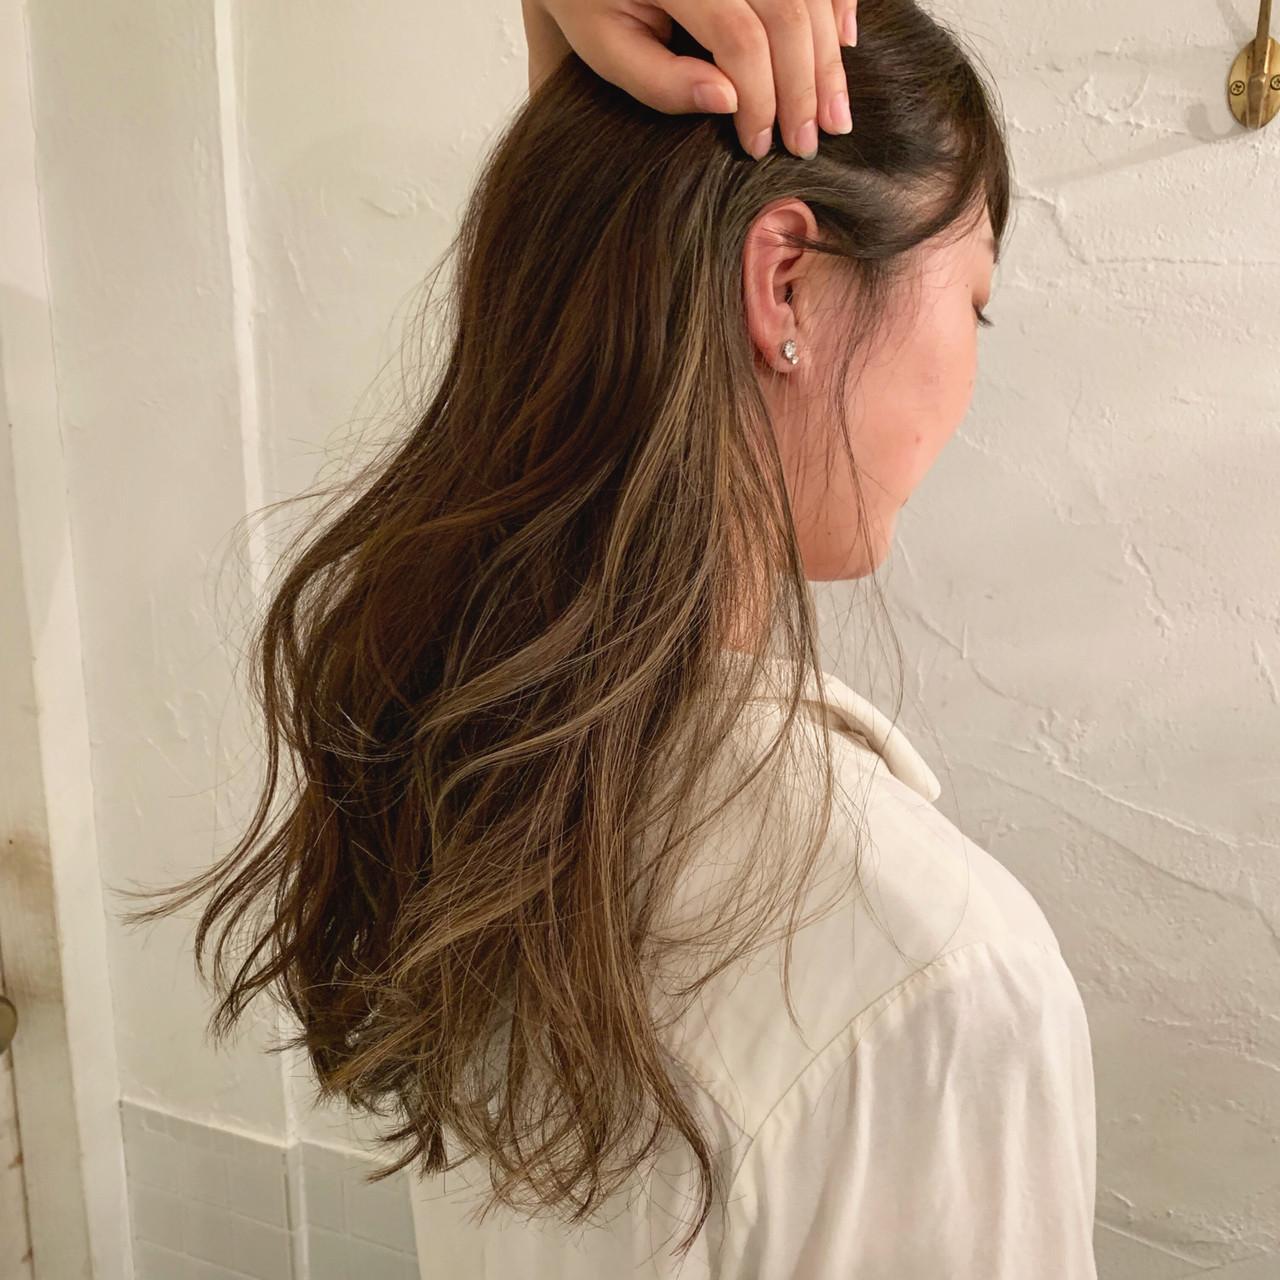 グラデーションカラー ロング エレガント インナーカラーヘアスタイルや髪型の写真・画像